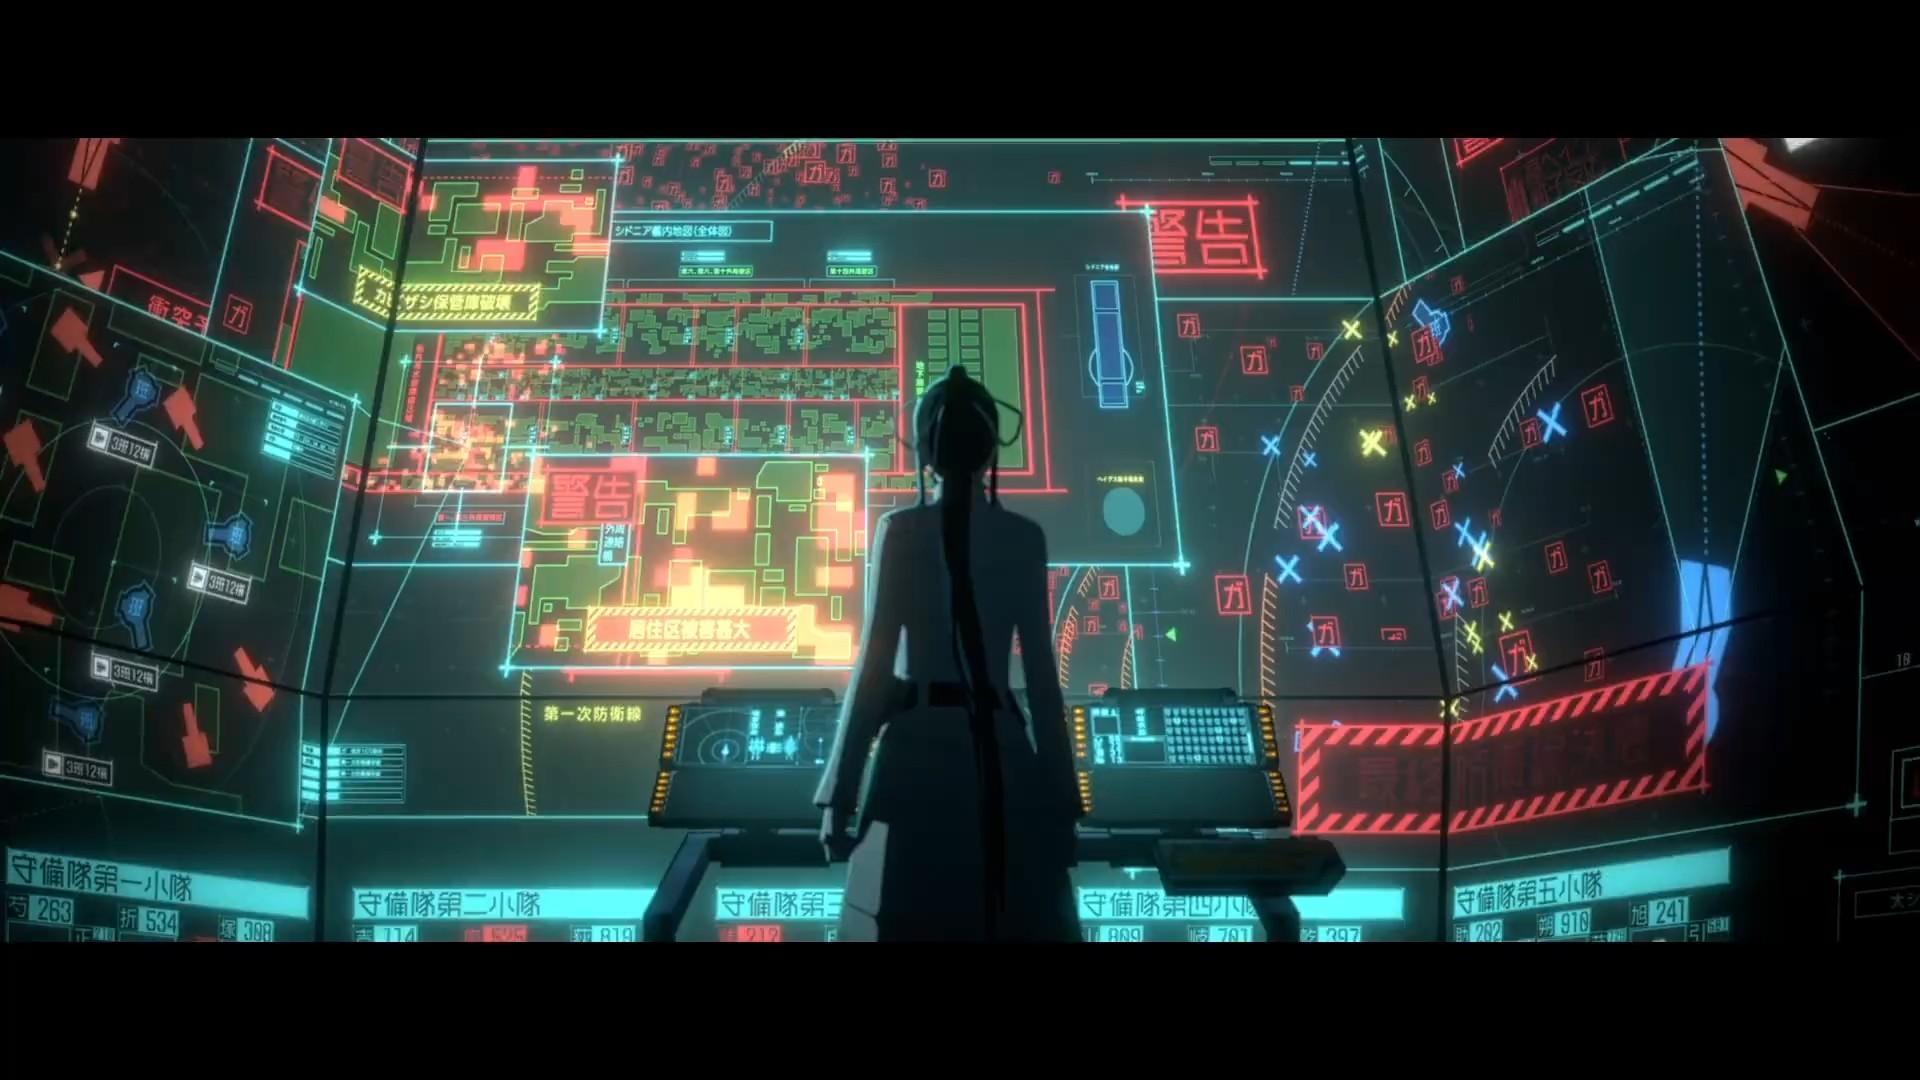 剧场版动画《希德尼娅的骑士 纺织爱的星星》第2弹正式预告公开,5月14日上映- ACG17.COM